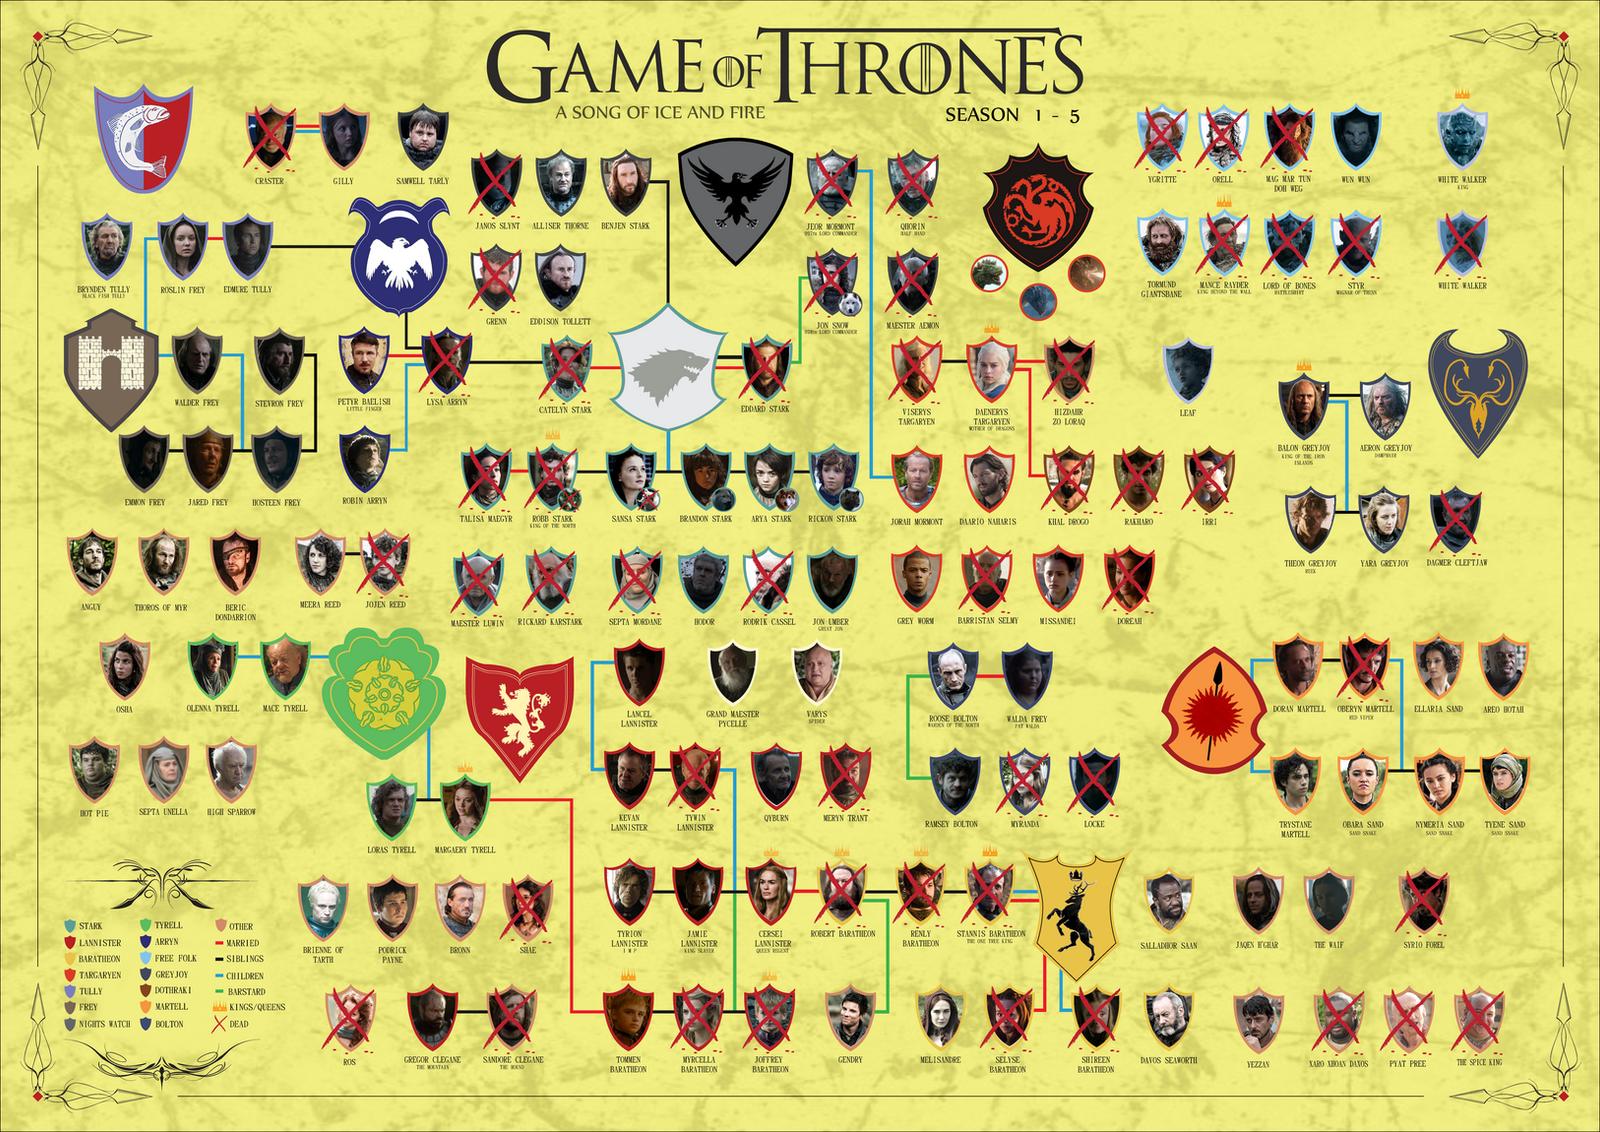 Игра престолов дерево персонажей 2